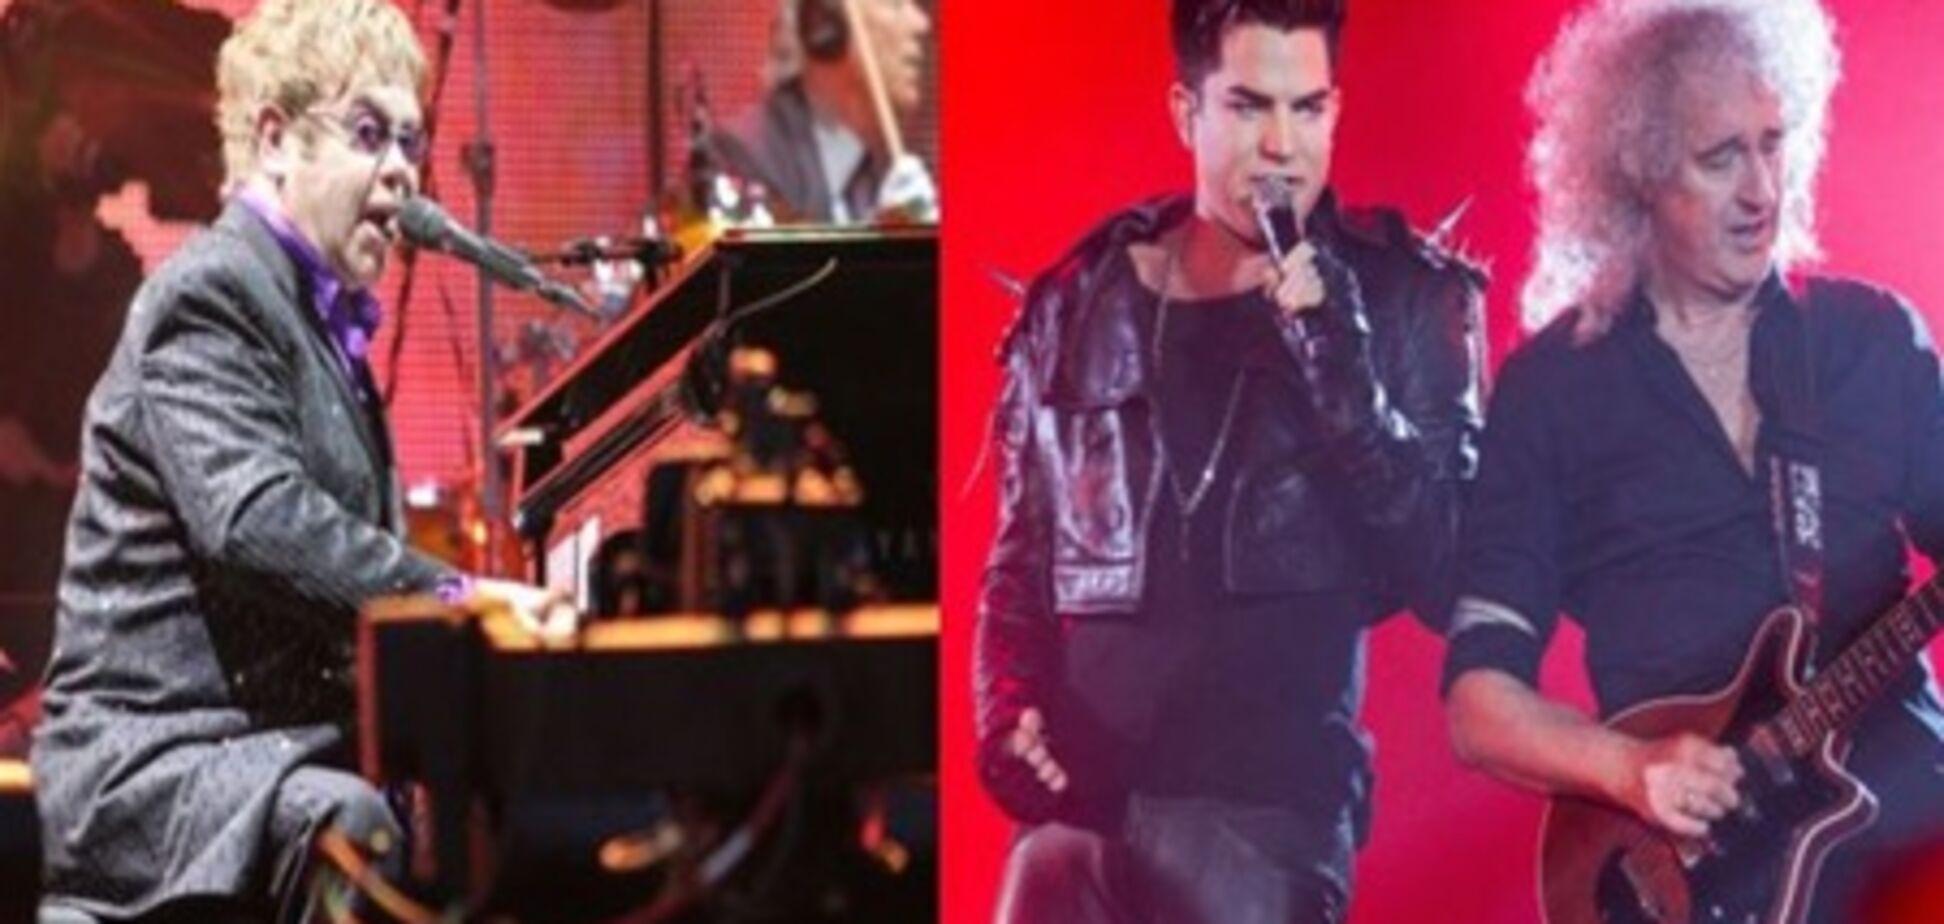 Віпи відпочили на концерті Елтона і Queen